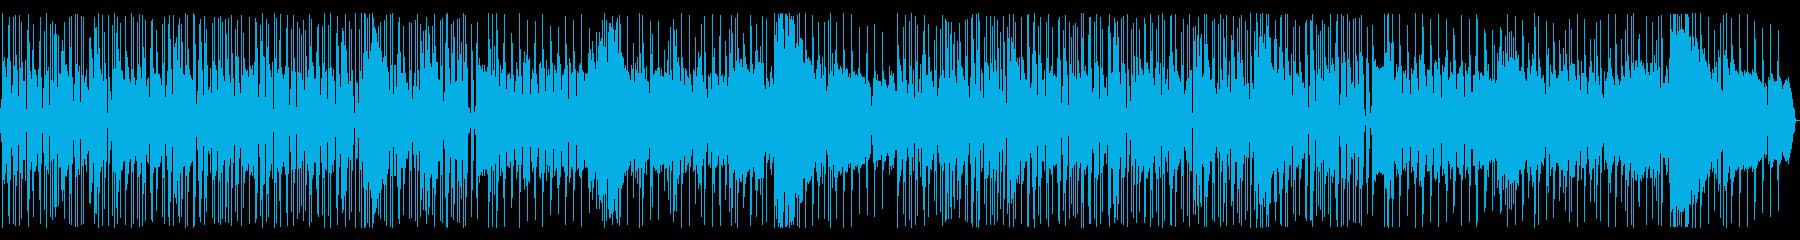 ロック✕和風 疾走感あるBGMの再生済みの波形